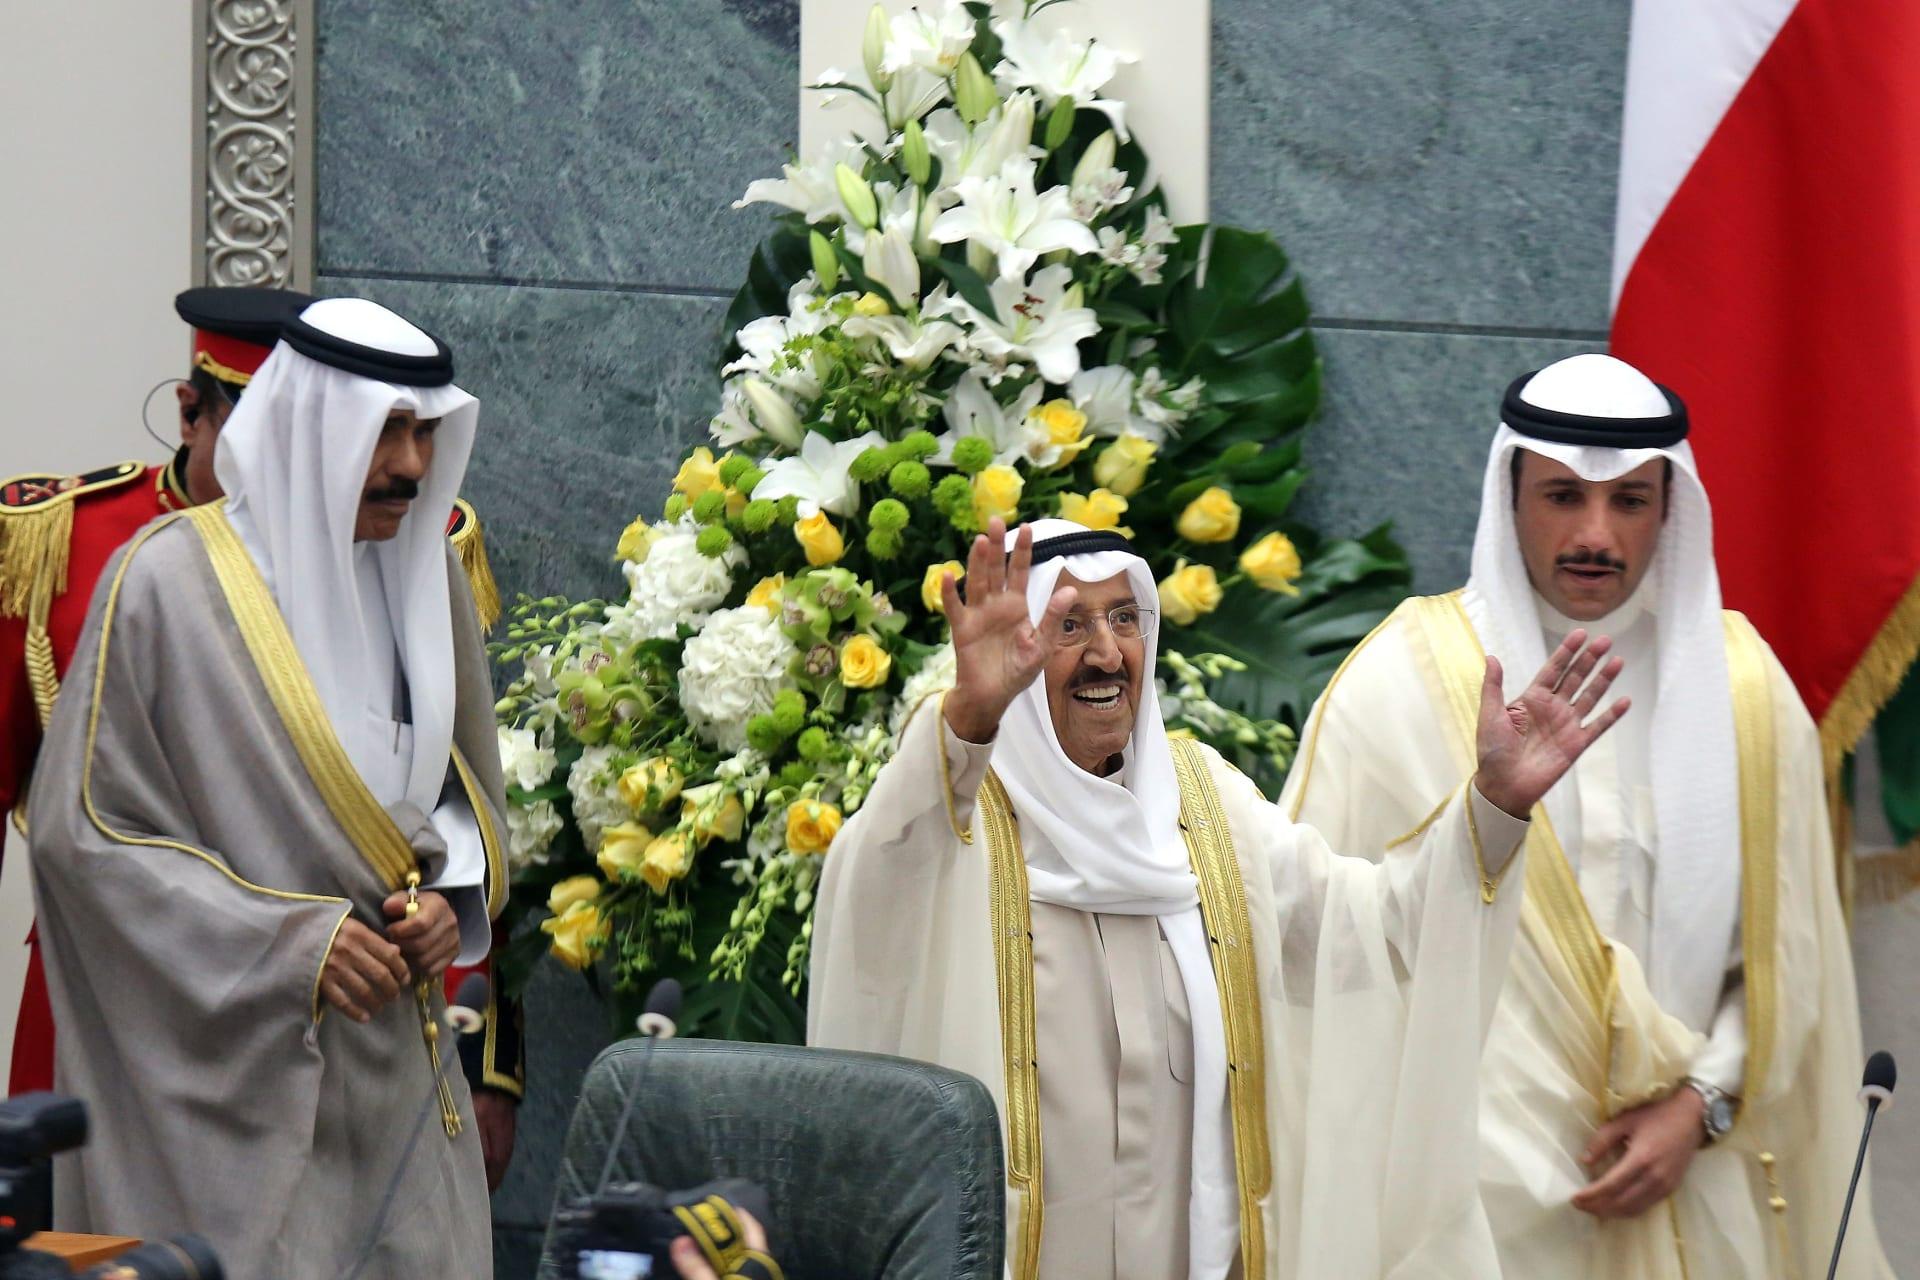 صورة أرشيفية لأمير الكويت الشيخ صباح الأحمد الجابر الصباح